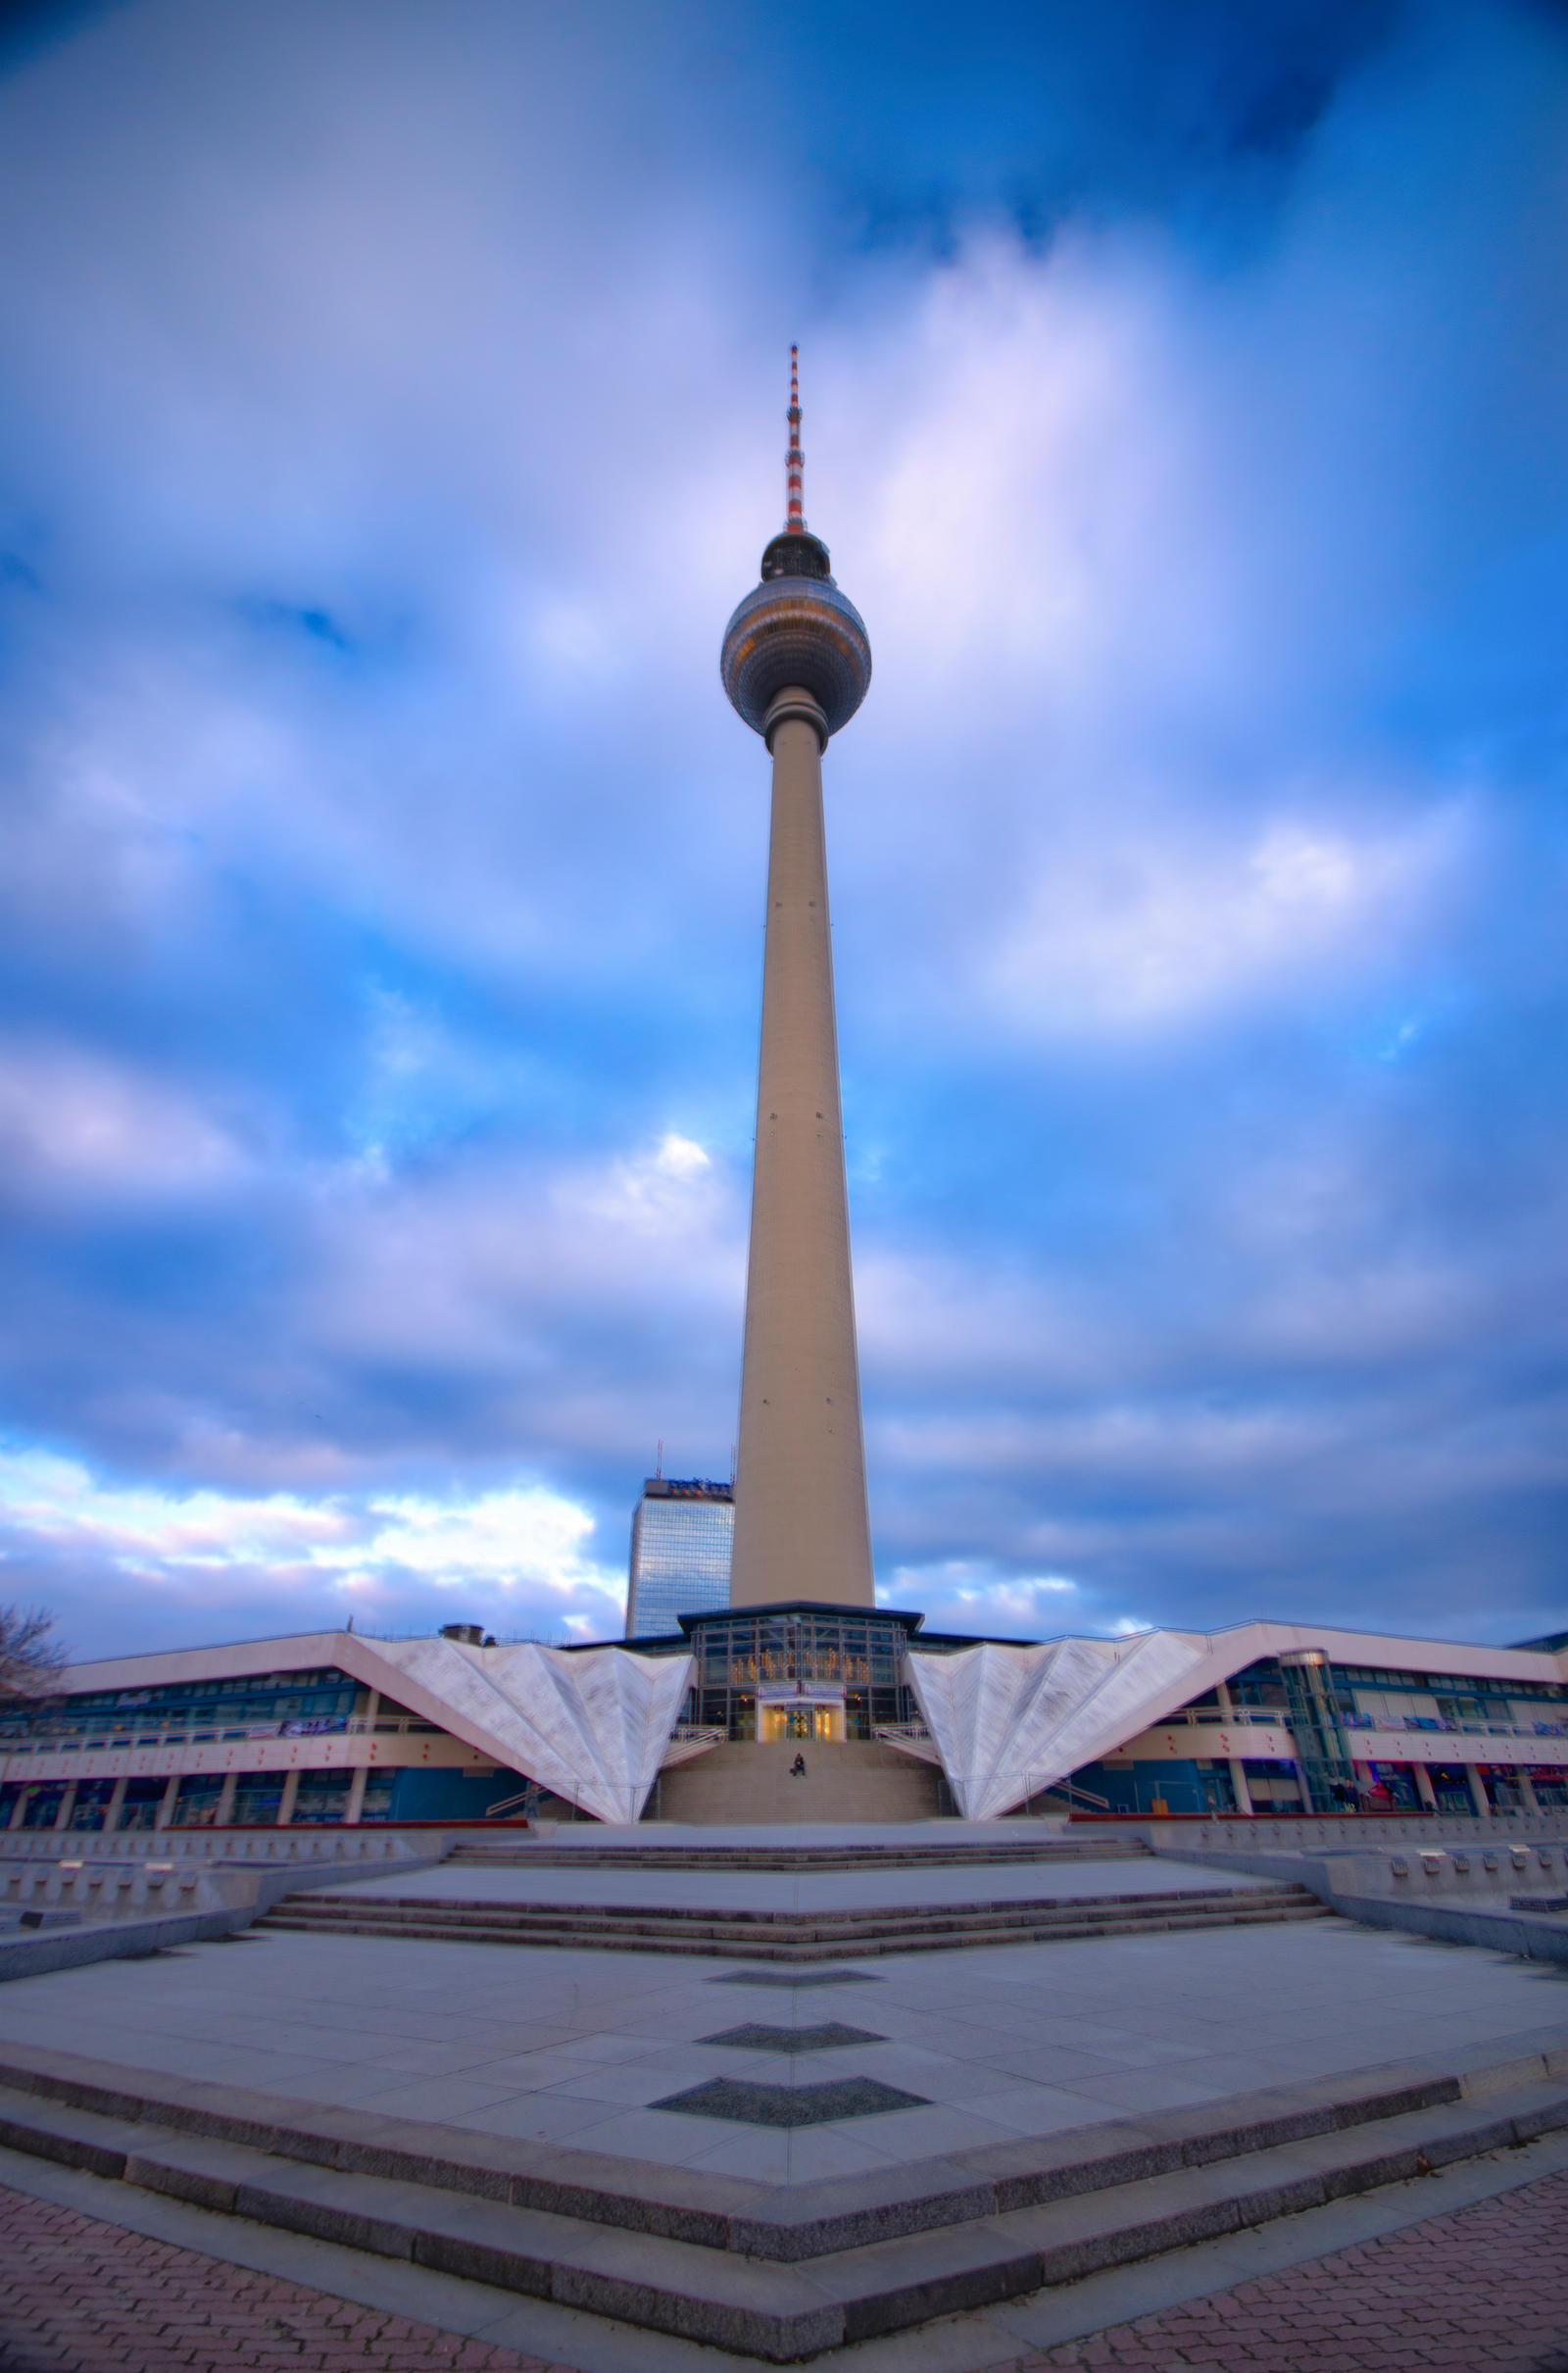 Berlin011 by bulgphoto